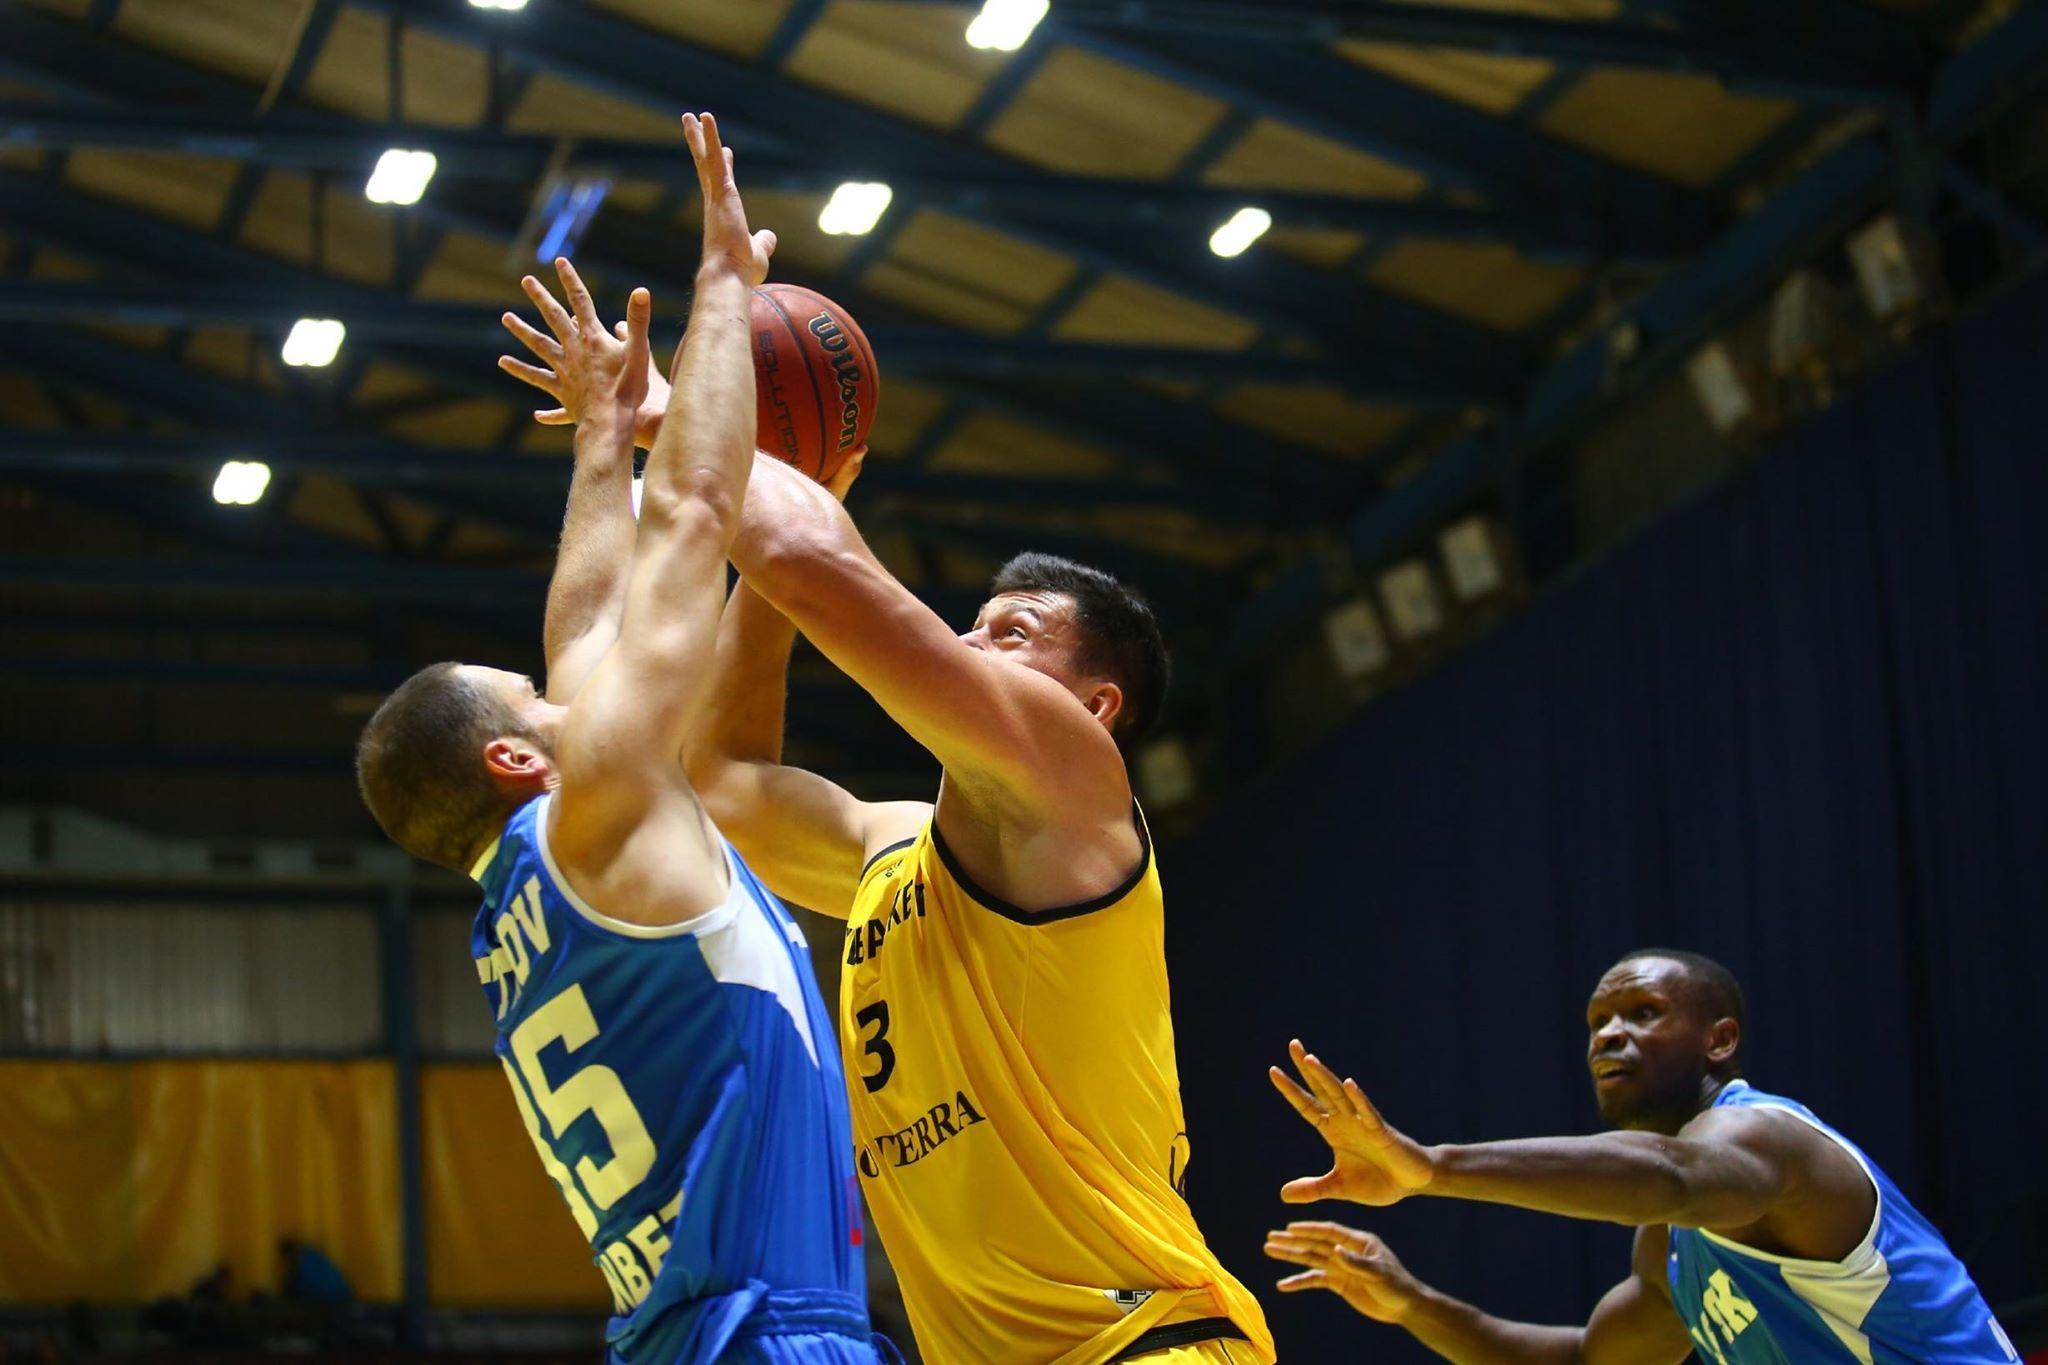 Київ-Баскет виграв третій матч в Кубку Європи ФІБА